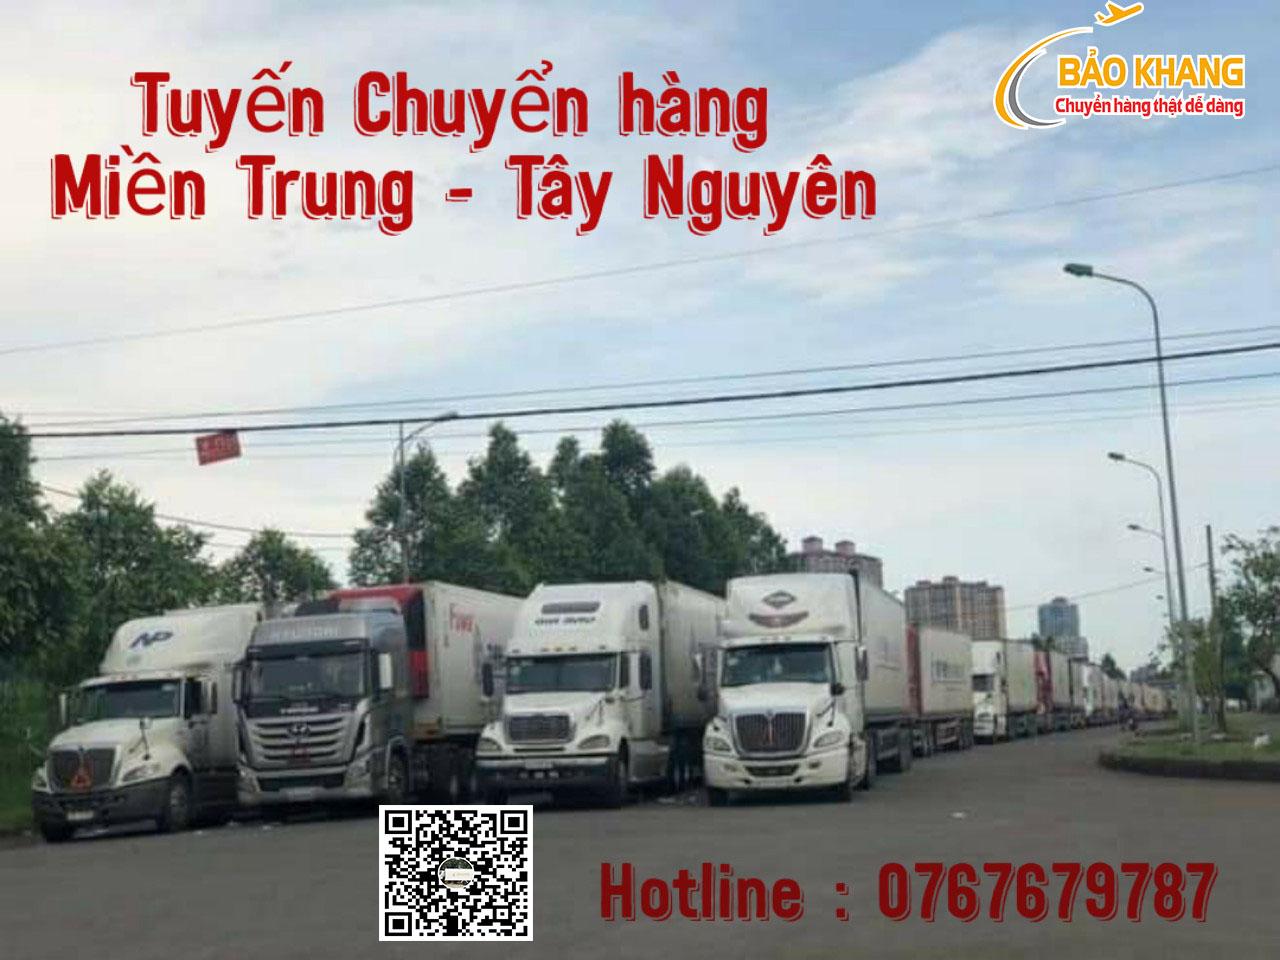 Nhà xe chuyển hàng Dak Lak về Hội An Quảng Nam